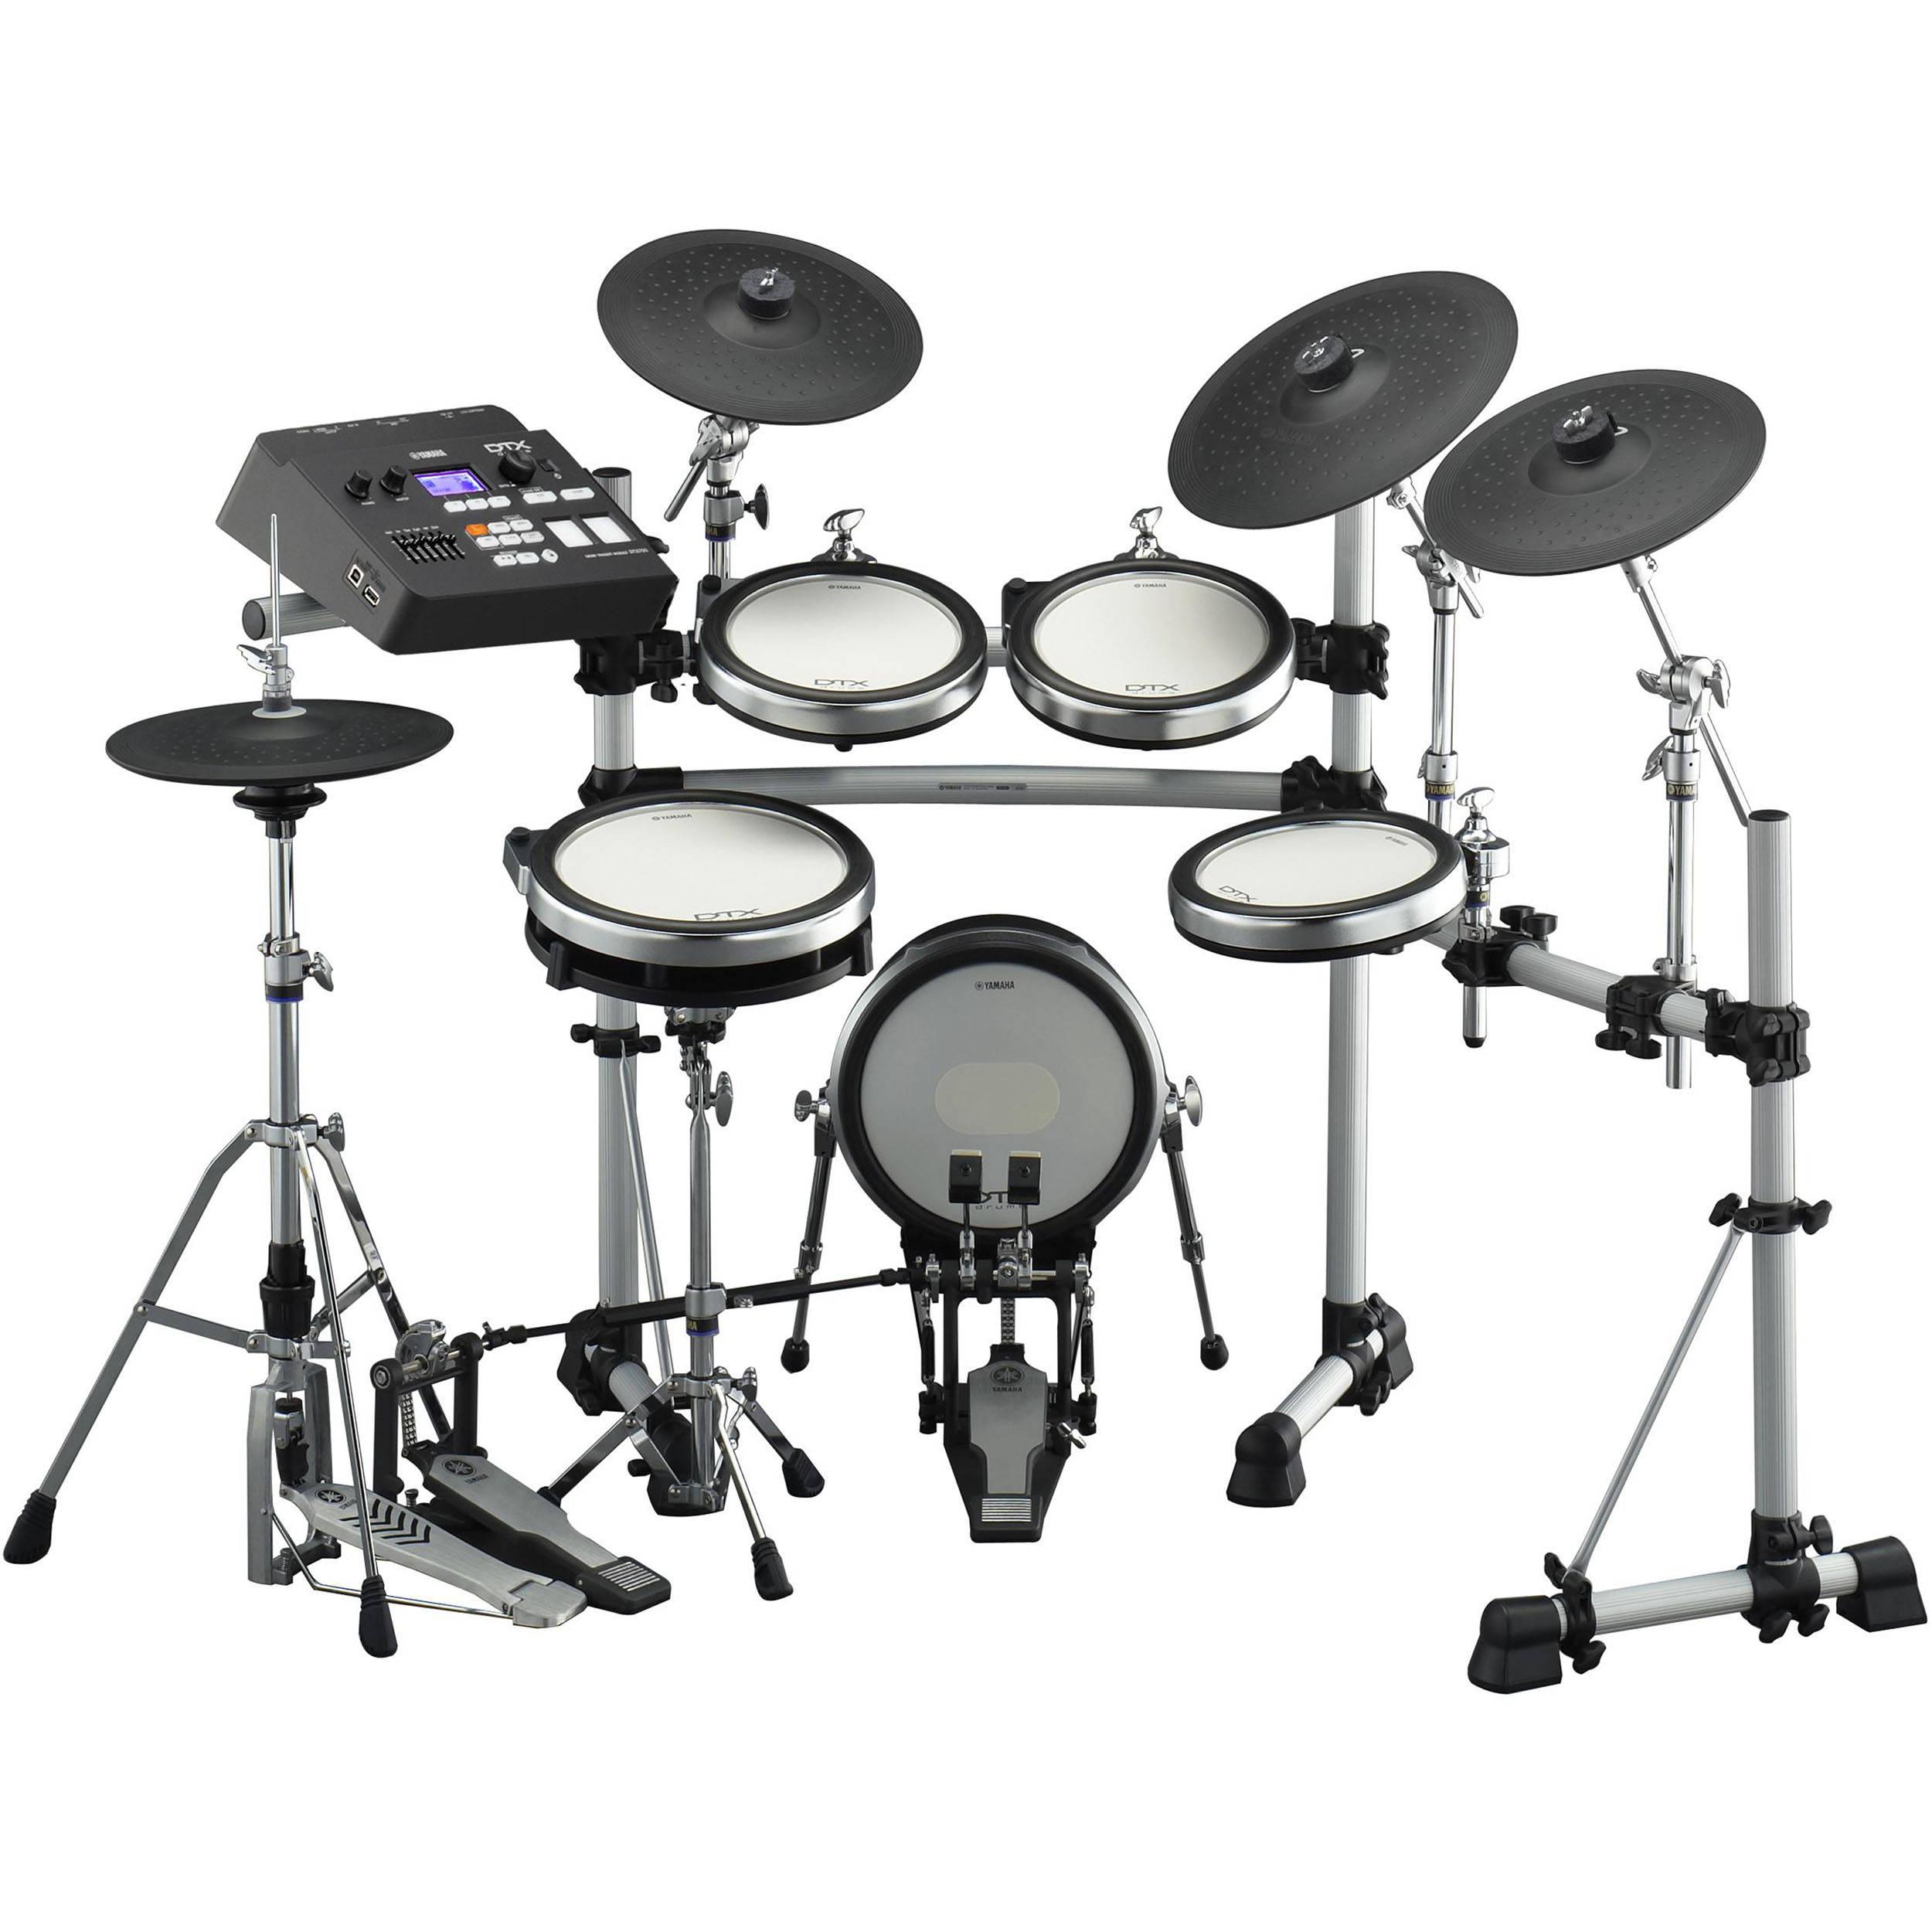 yamaha dtx790k electronic drum set b h kit dtx790k b h photo. Black Bedroom Furniture Sets. Home Design Ideas